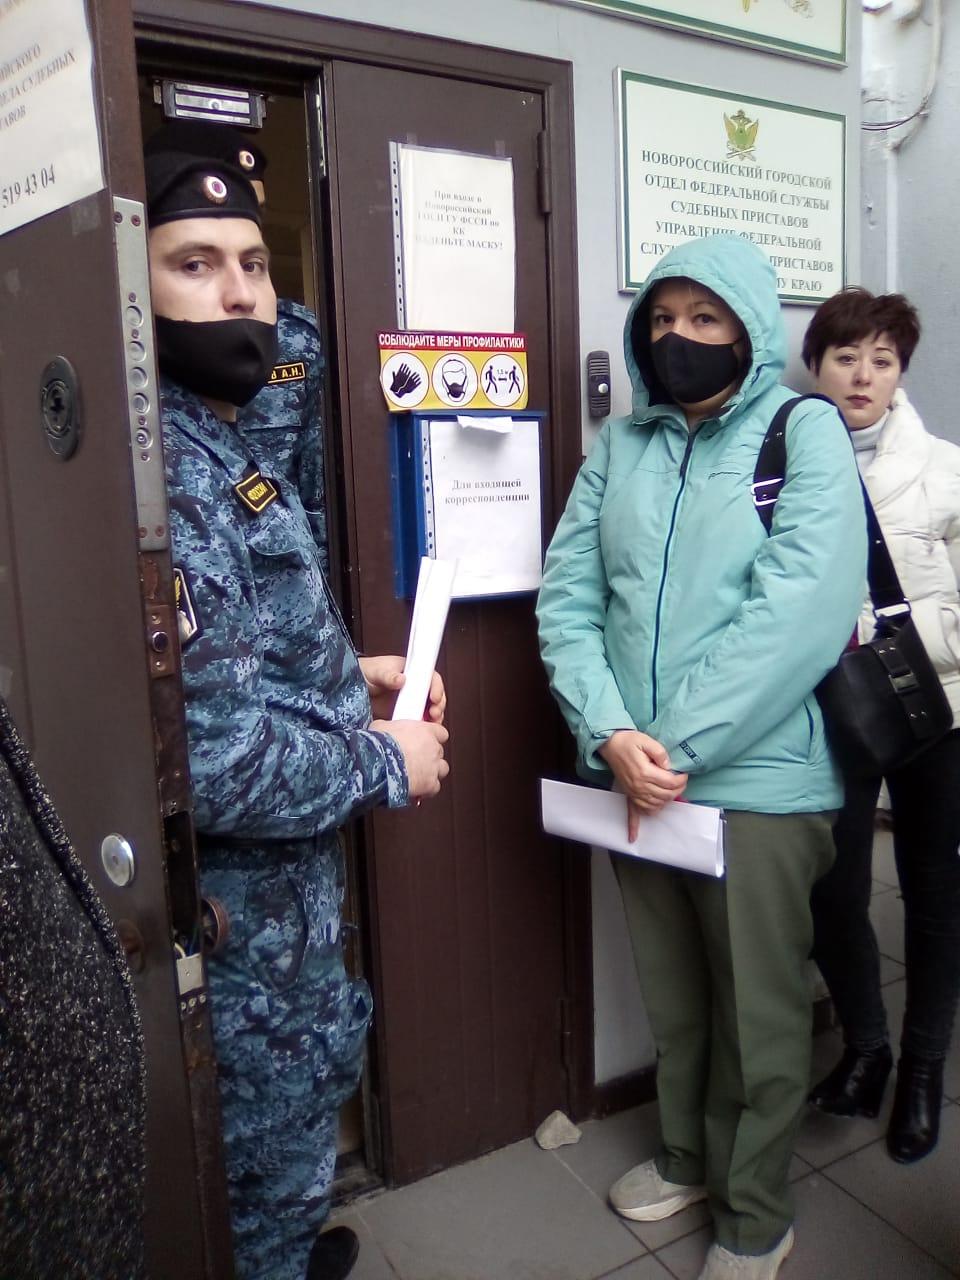 В Новороссийске люди мокнут под дождем перед дверями отдела судебных приставов